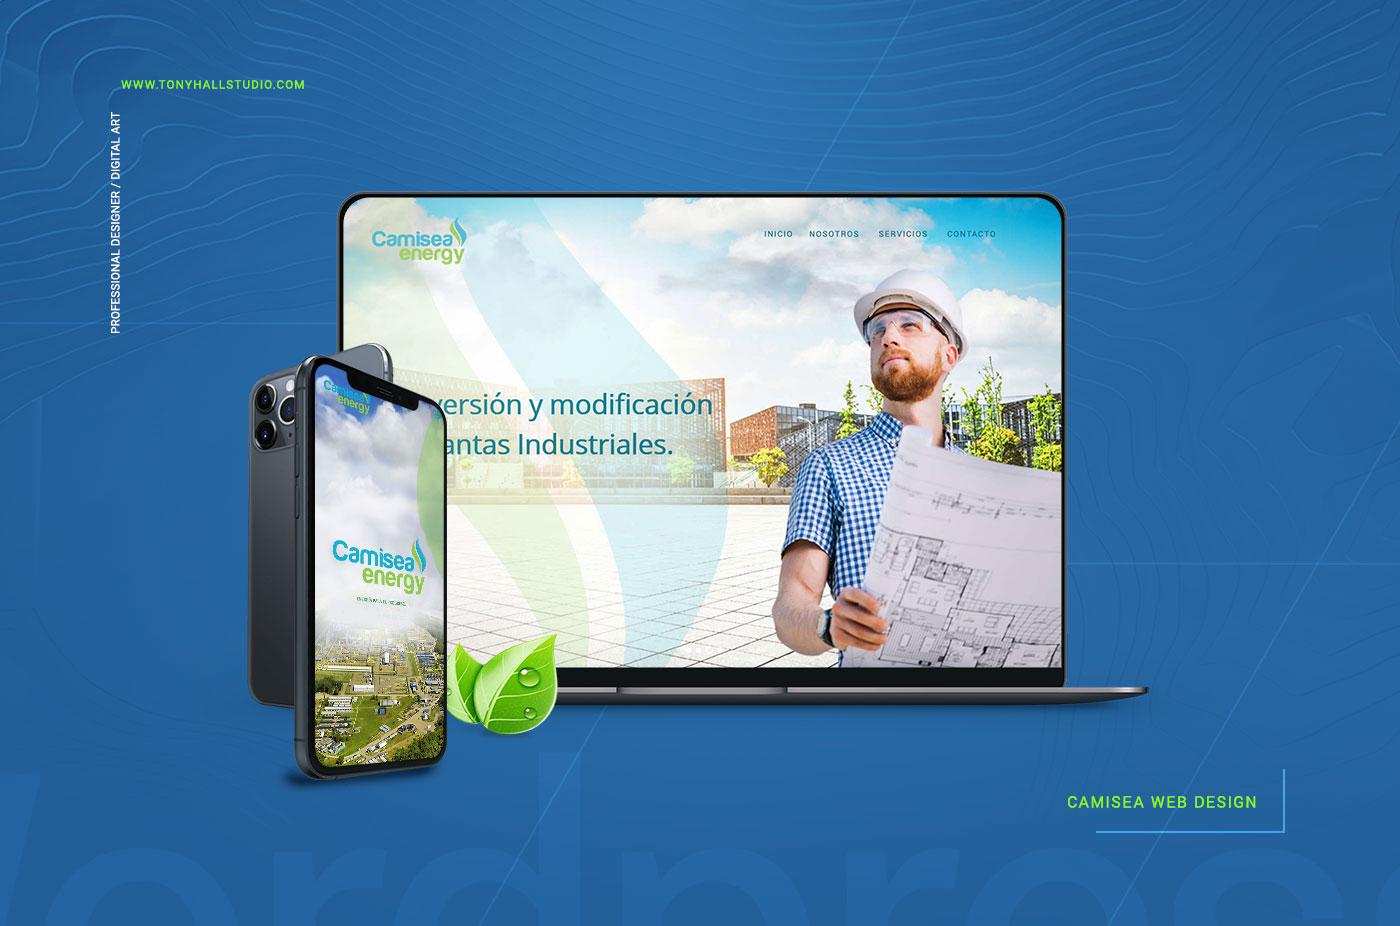 tonyhall-pagina-web-camisea-energy_01